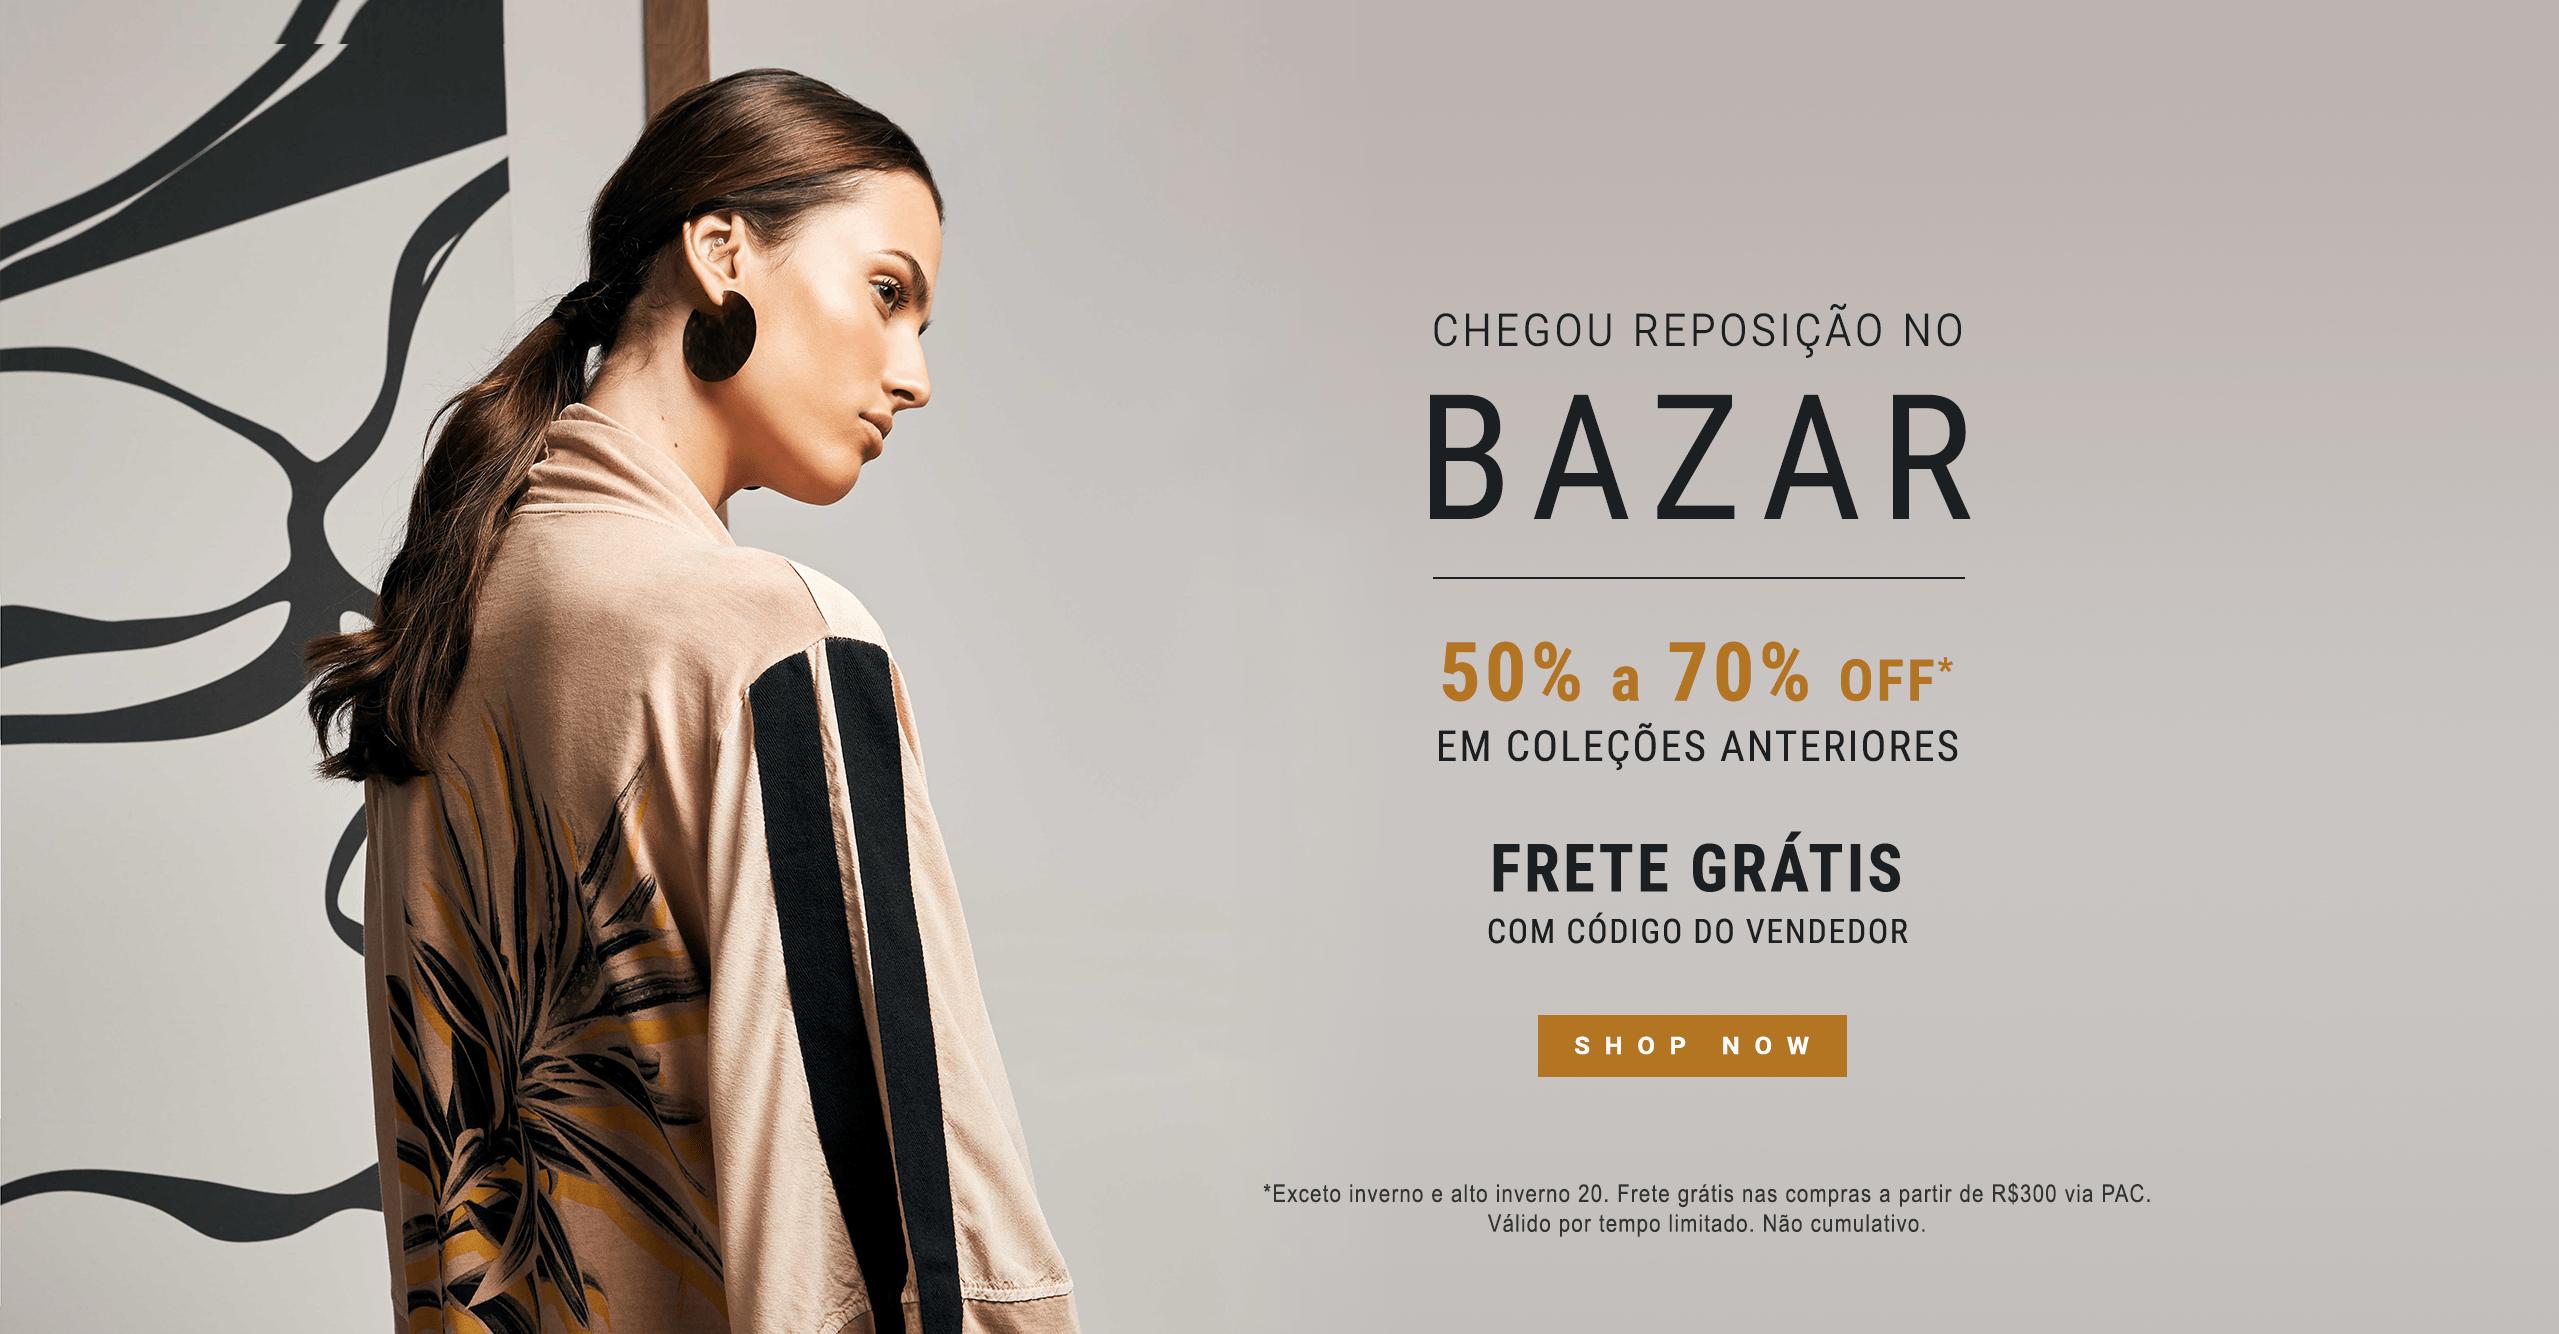 Bazar = CLARO